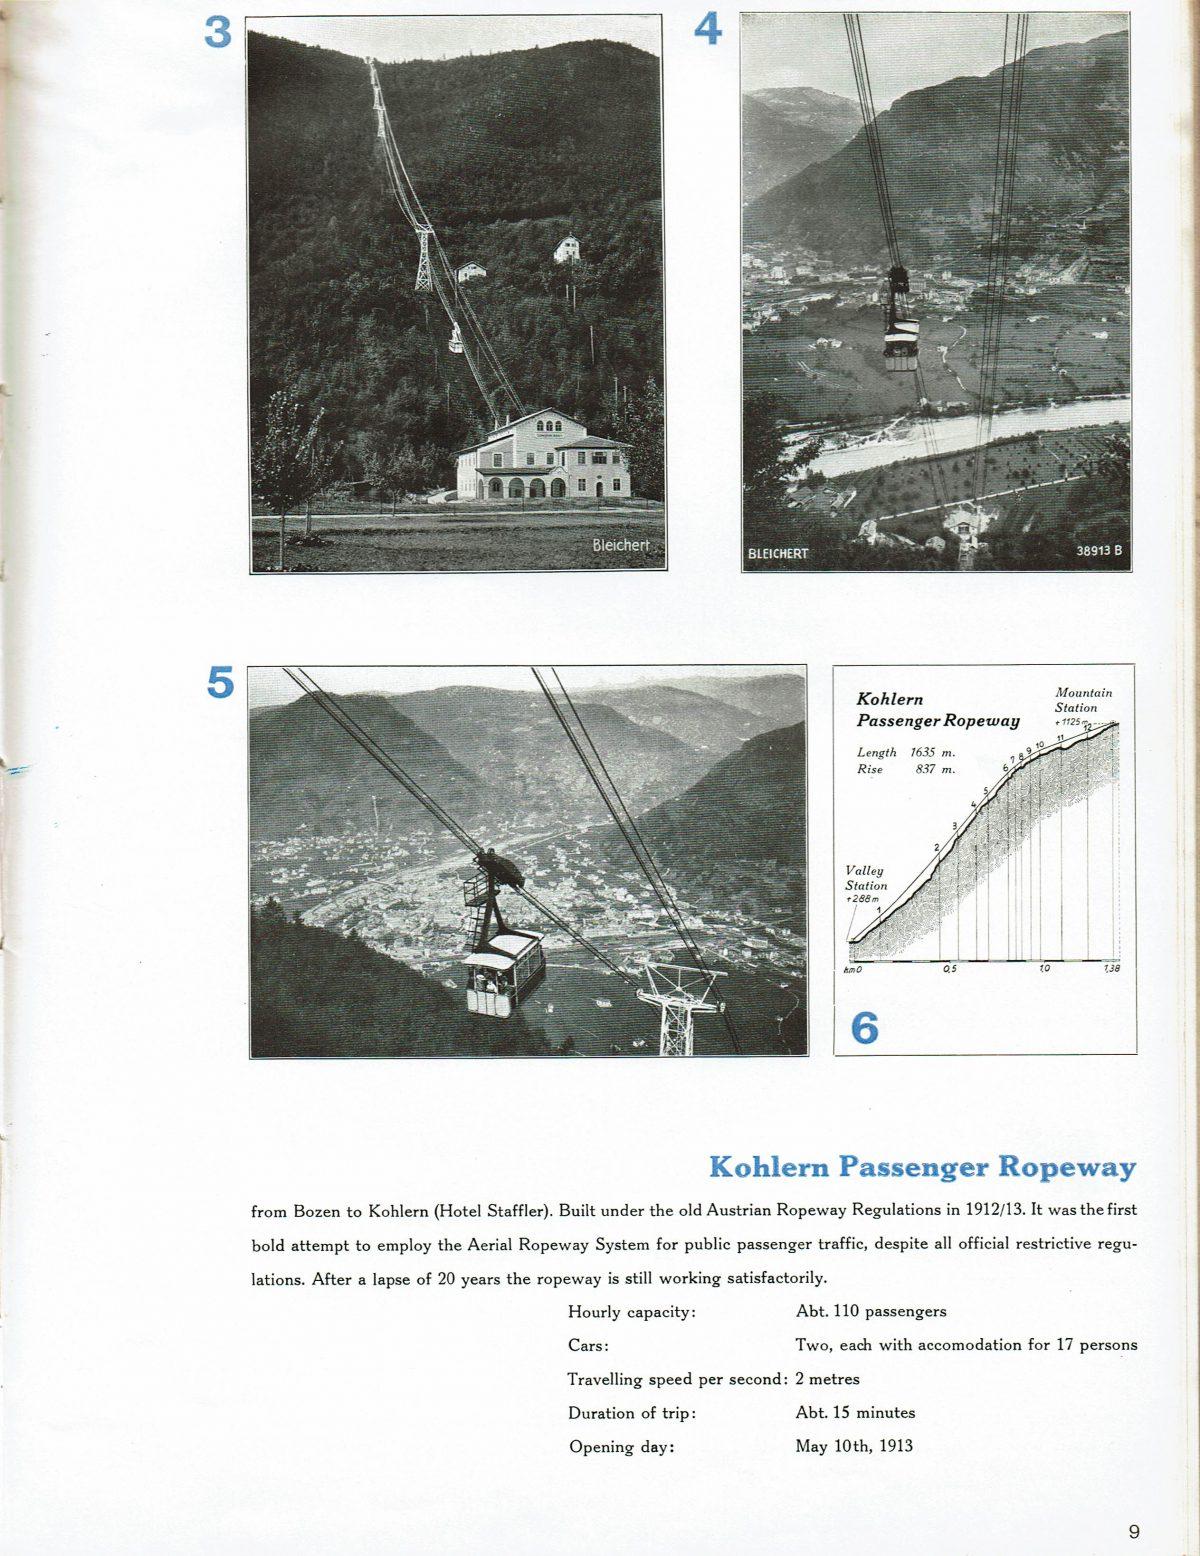 01_Bleichert Kohlererbahn (Abb. 3-4-5-6)